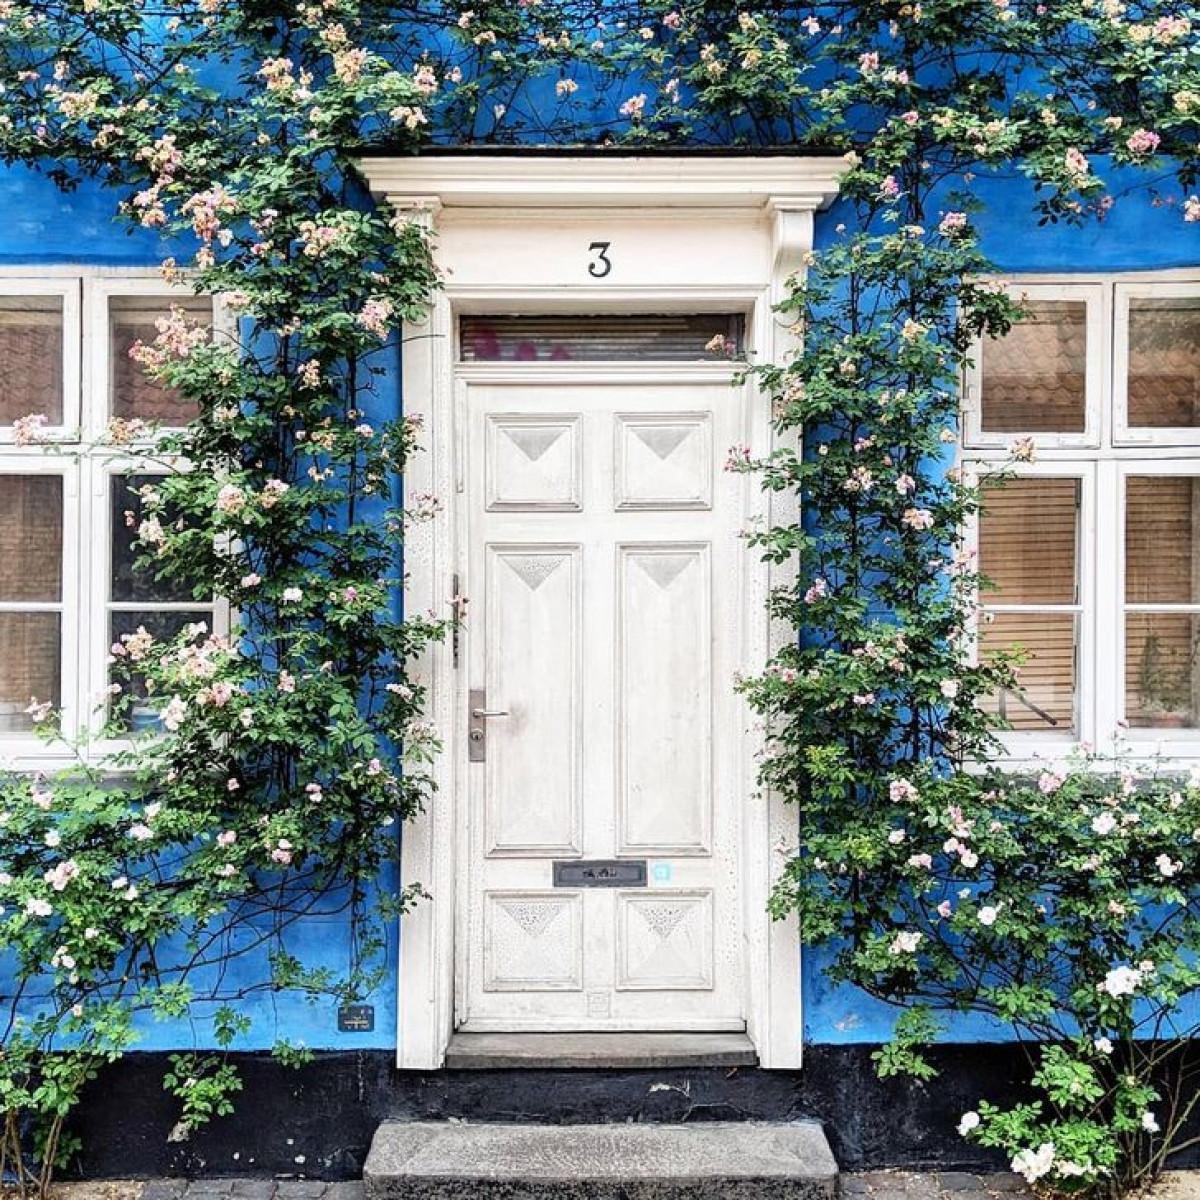 Những khung cửa tuyệt đẹp khiến người qua đường không thể rời mắt.